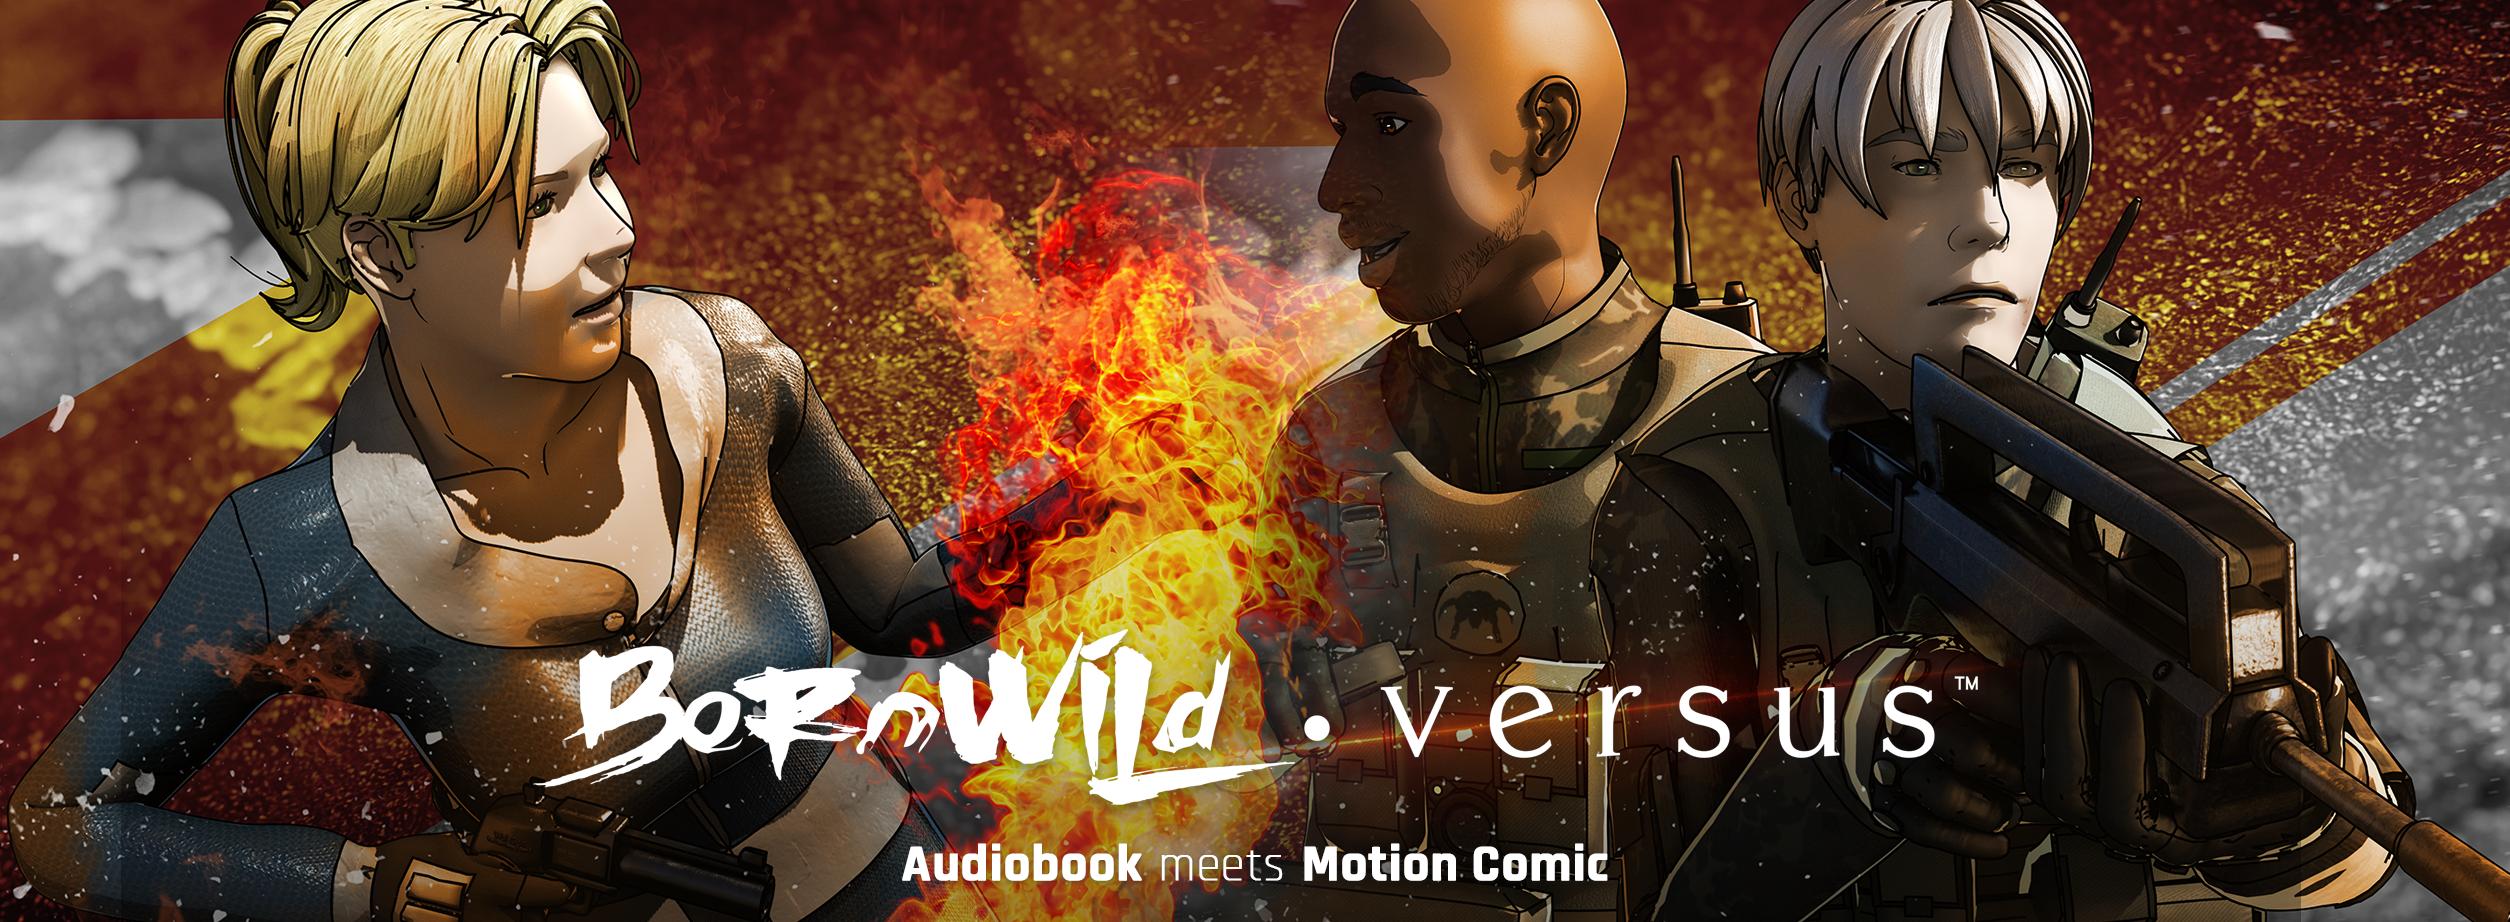 BornWild • Versus - Episode 1